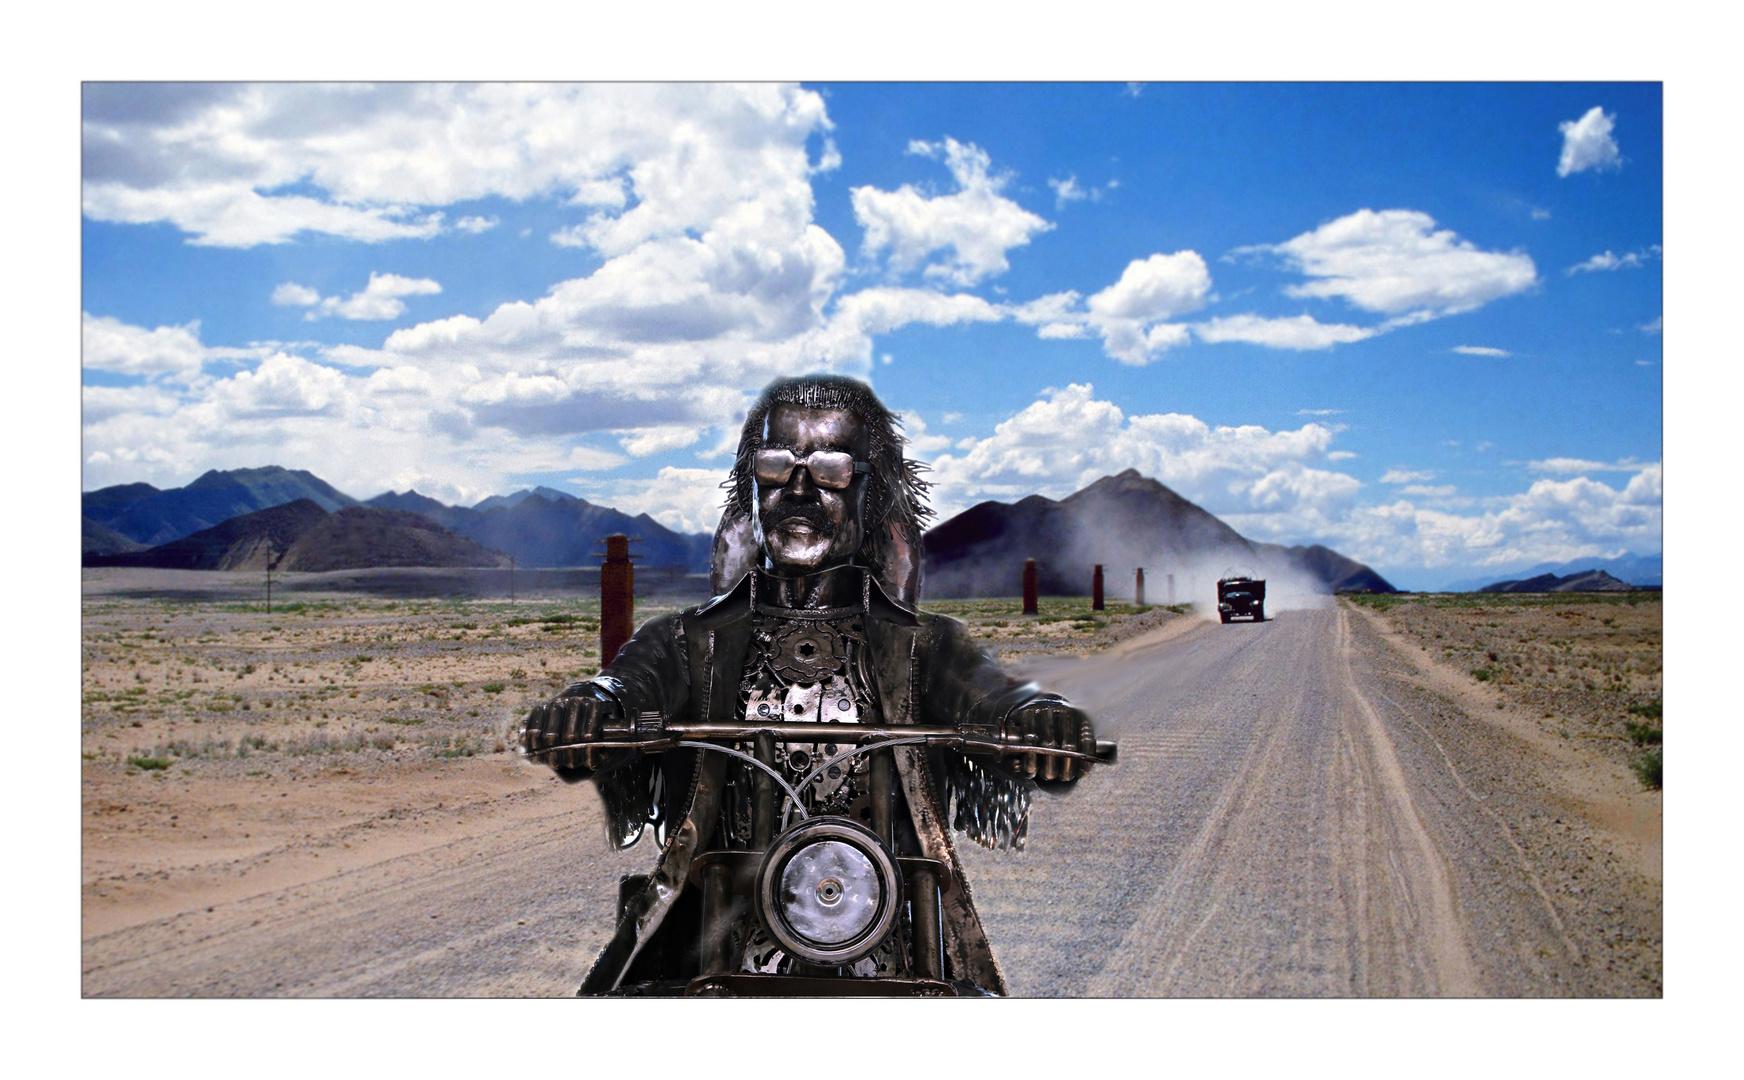 Ironman on tour